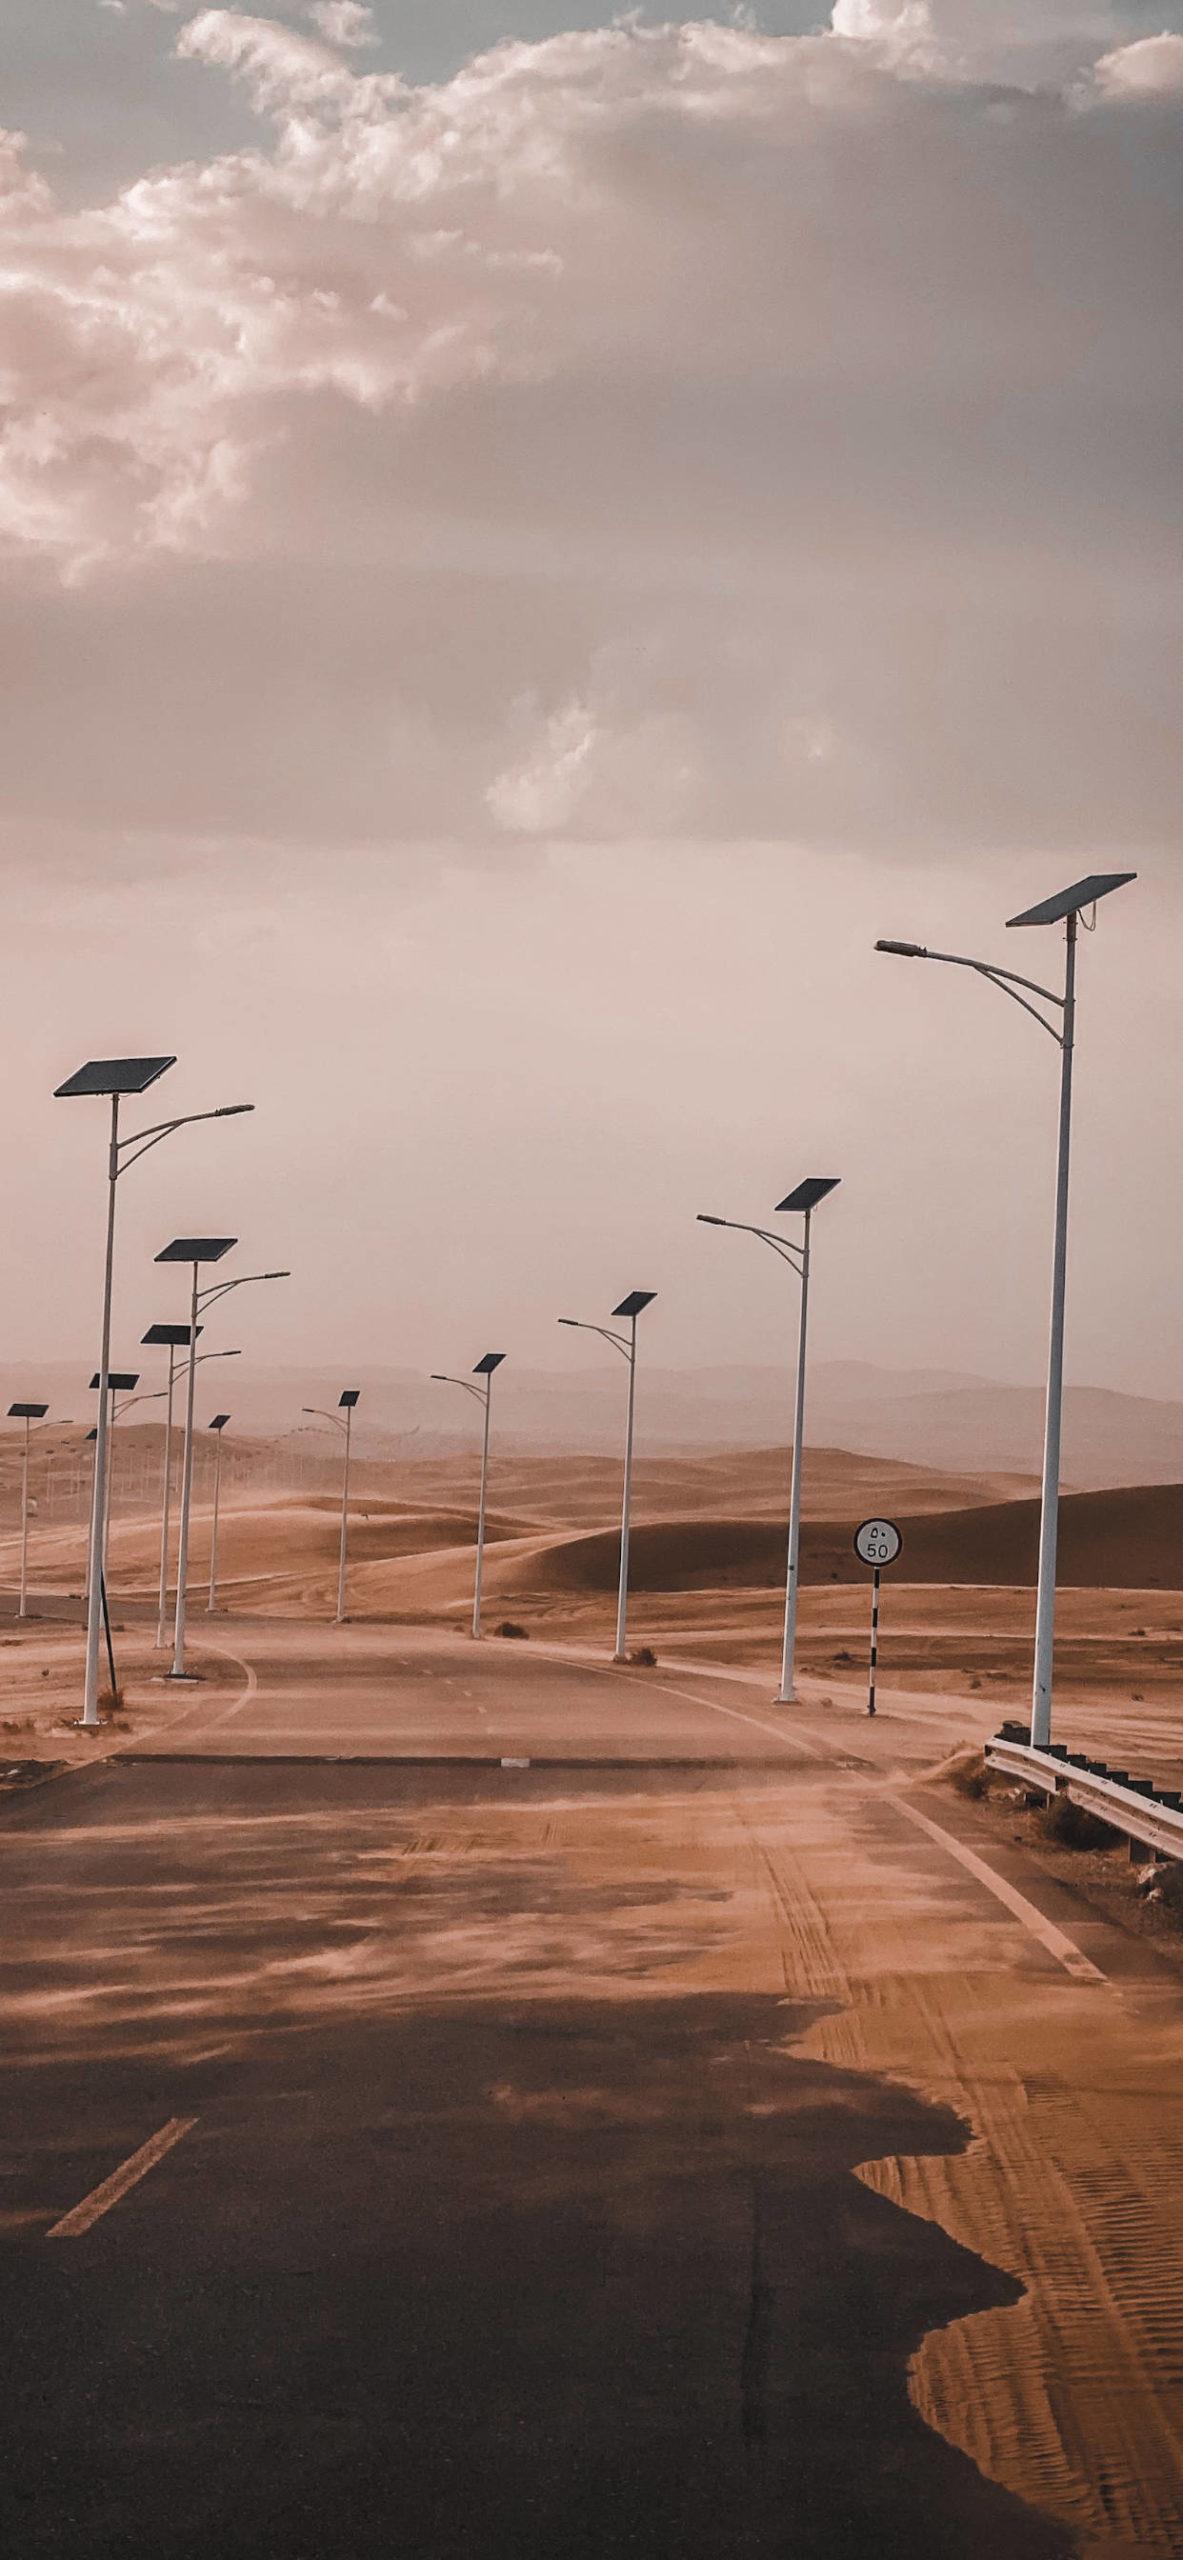 iPhone wallpapers desert abandoned scaled Desert